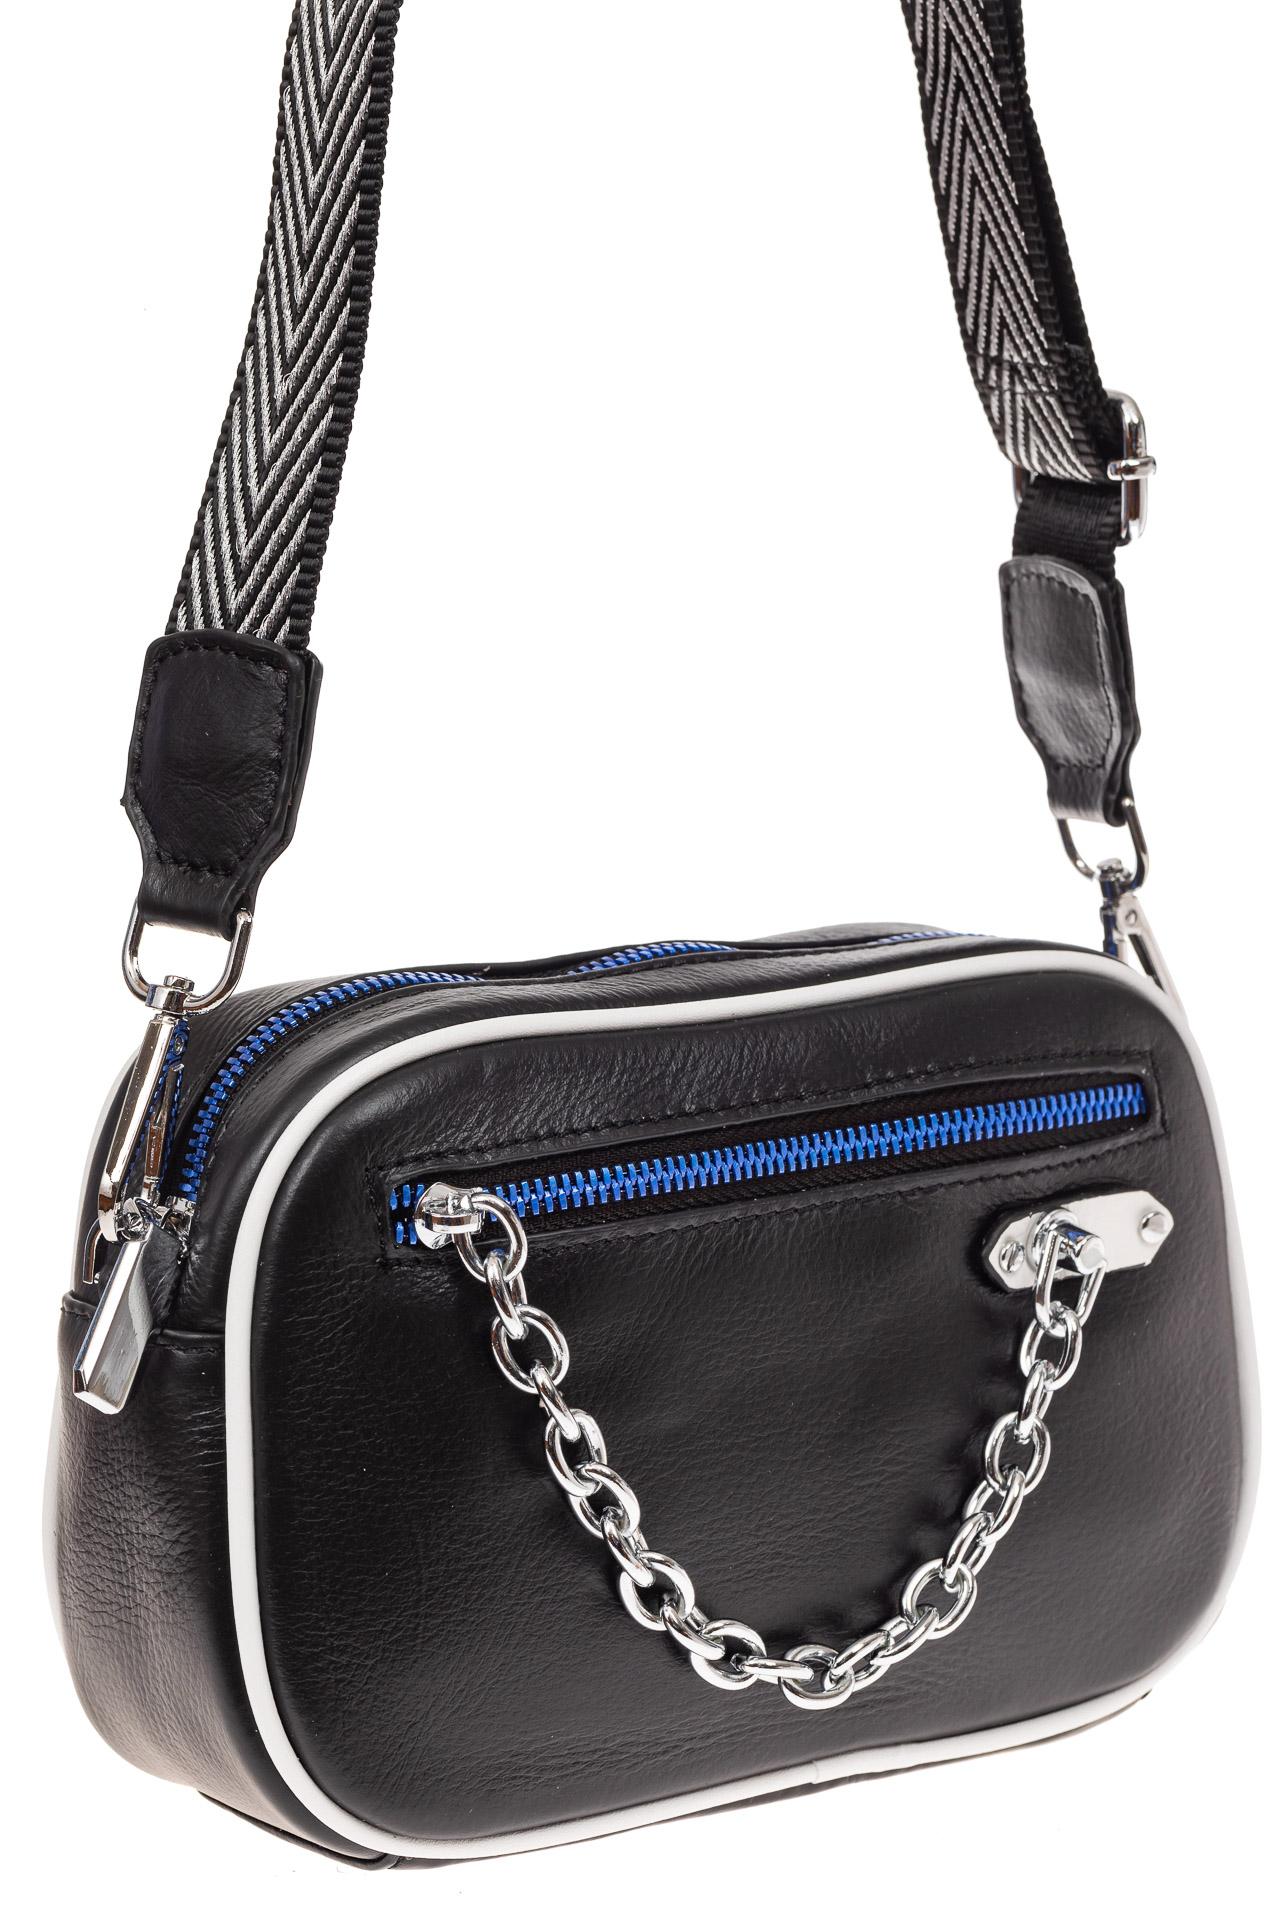 Молодежная сумка из натуральной кожи, цвет черный